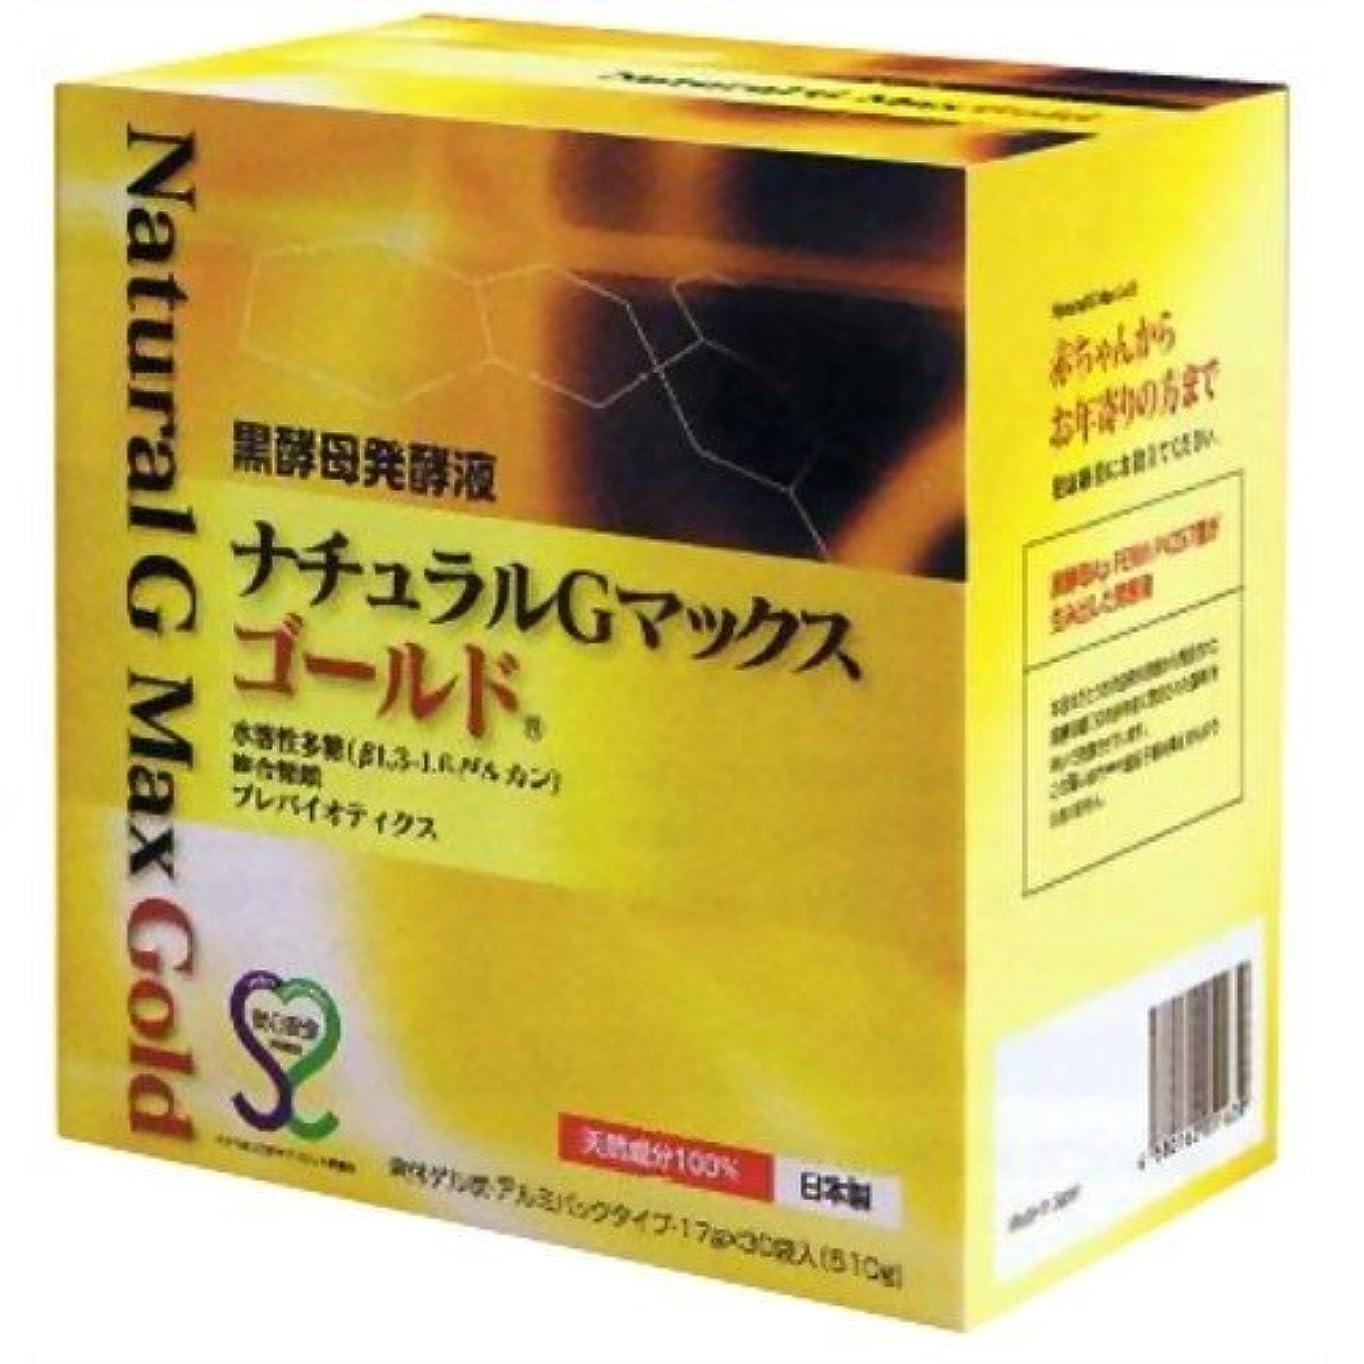 本ヒント対応する黒酵母発酵液 ナチュラルGマックスゴールド 17g×30袋